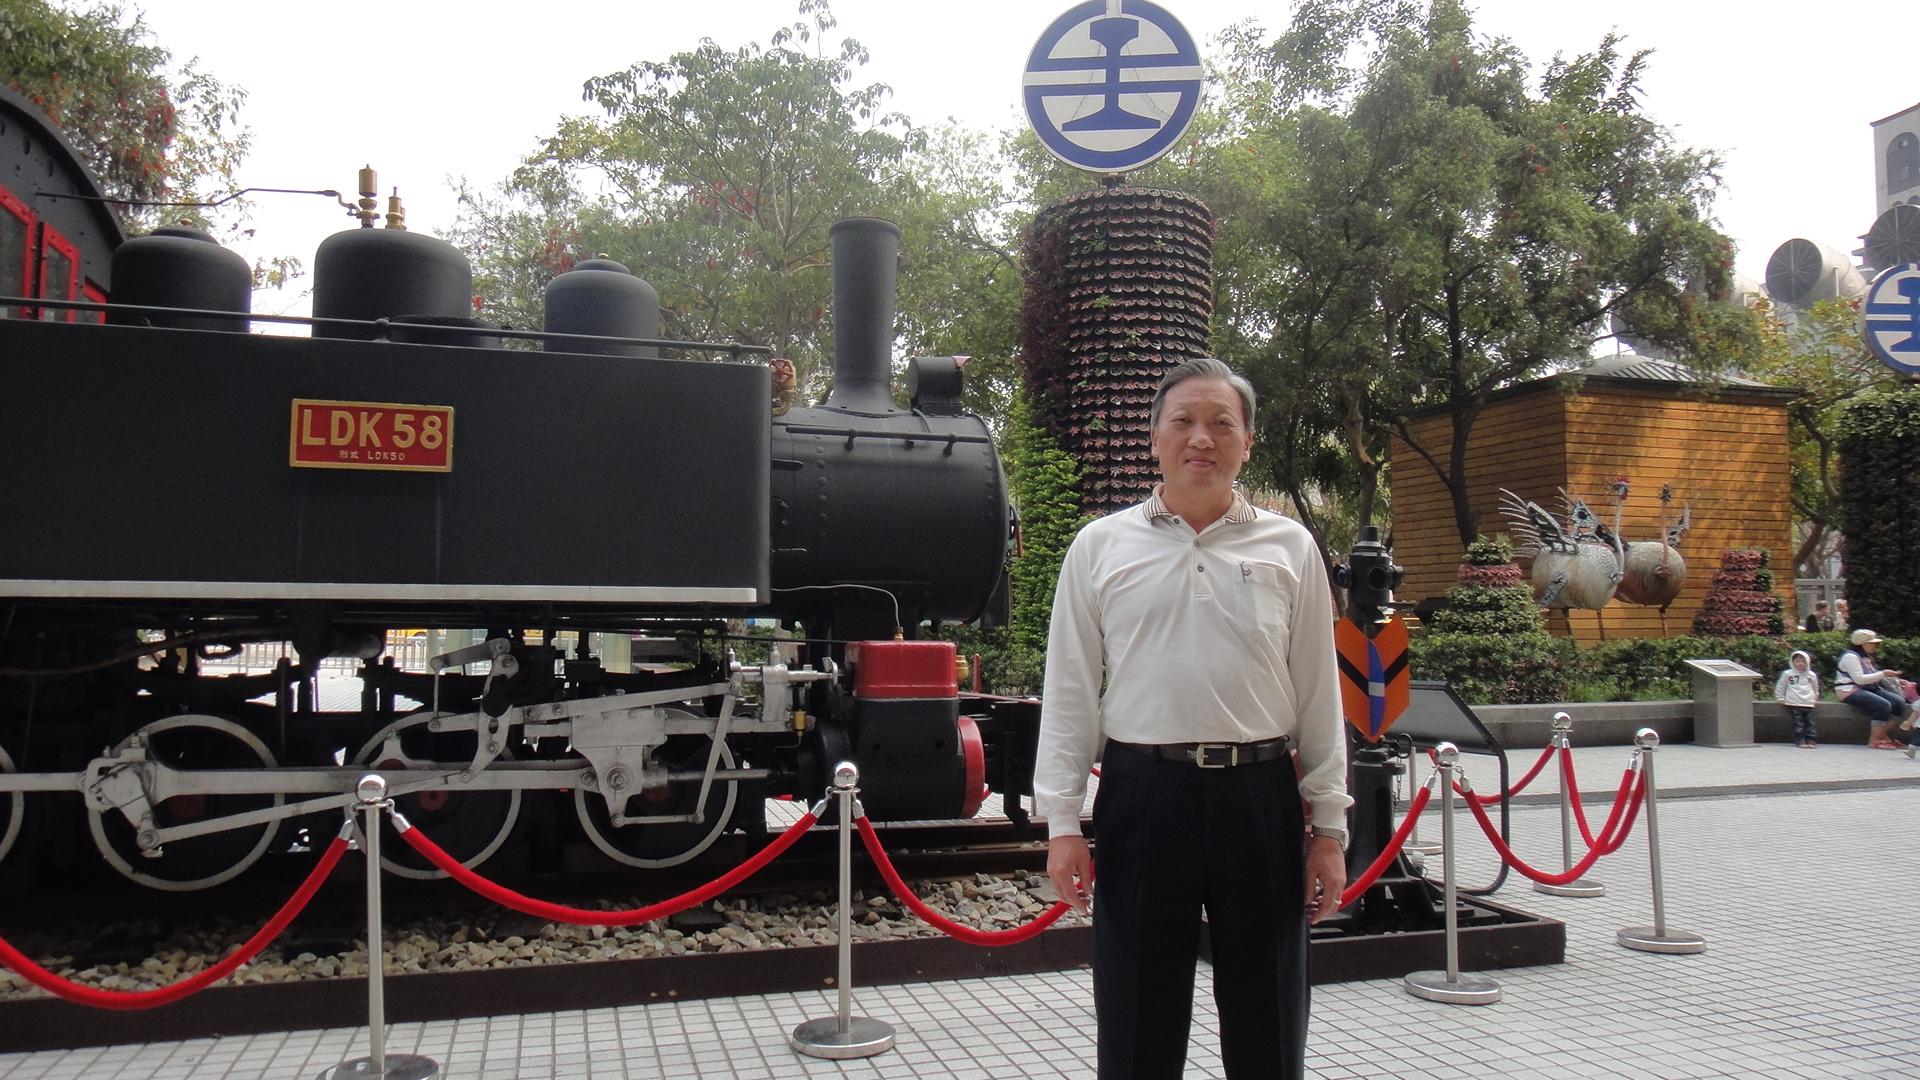 台鐵副總工程司徐滙源校友 奉獻土木所學 推動台灣鐵路成長